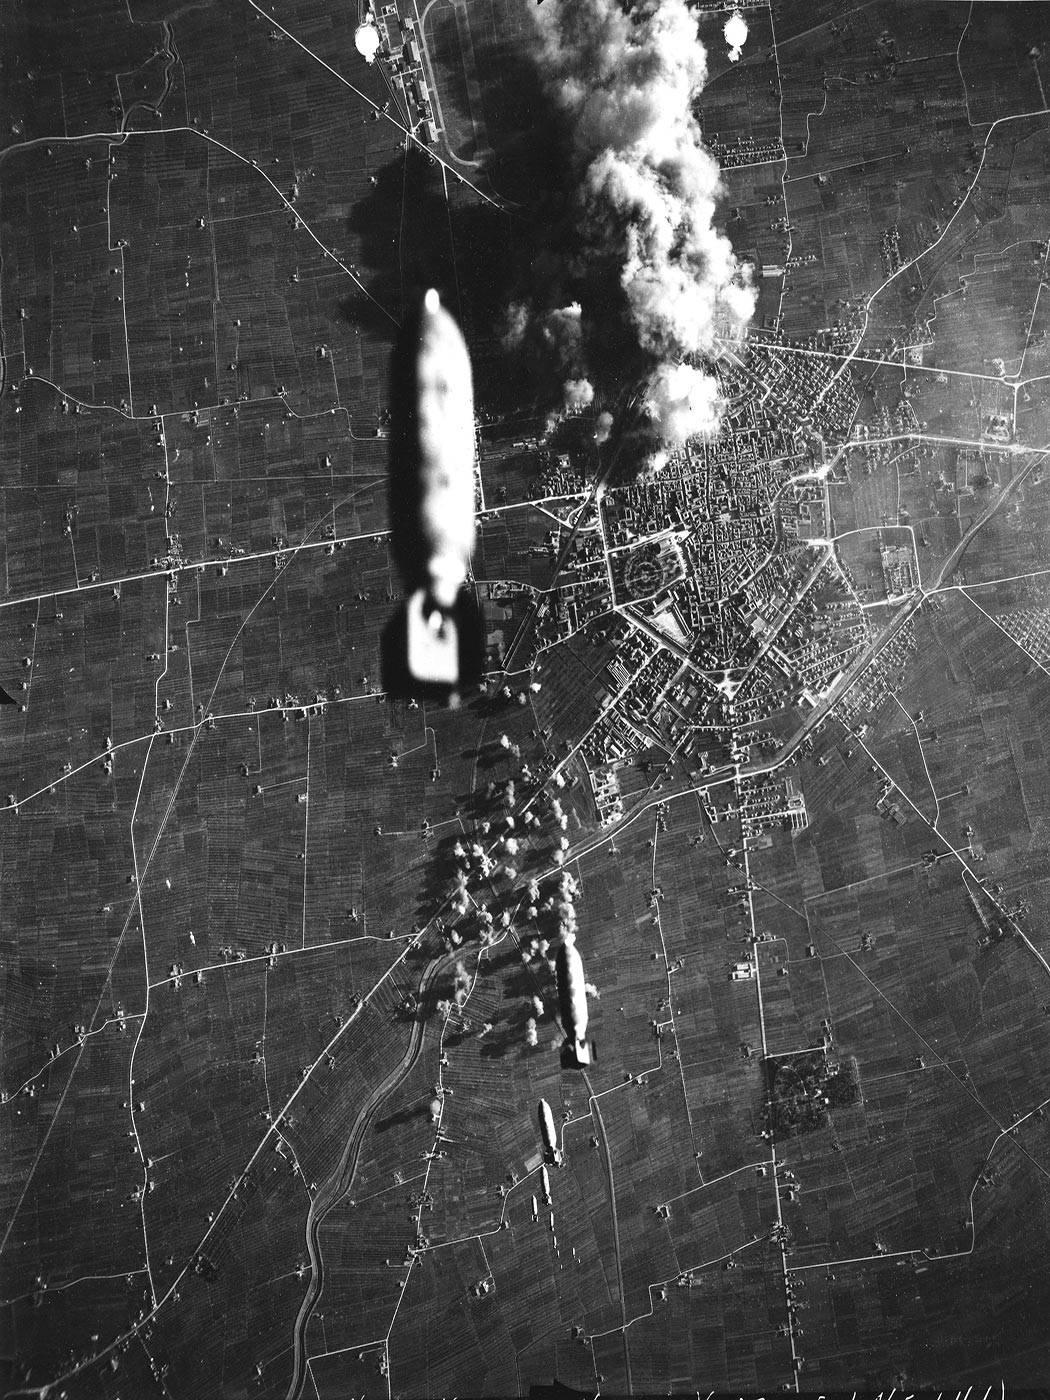 Bombardamento a Reggio Emillia - CARICO DI 12 BOMBE SGANCIATO DALL'AEREO B-17 (FLYING FORTRESS) N. 818 DEL 99° GRUPPO BOMBARDIERI USAAF SGANCIATO VERSO LA PERIFERIA NORD DI REGGIO EMILIA, ORE 13.36 FOTOTECA ISTORECO, FONTE ARCHIVI NARA-USA, 8 GENNAIO 1944